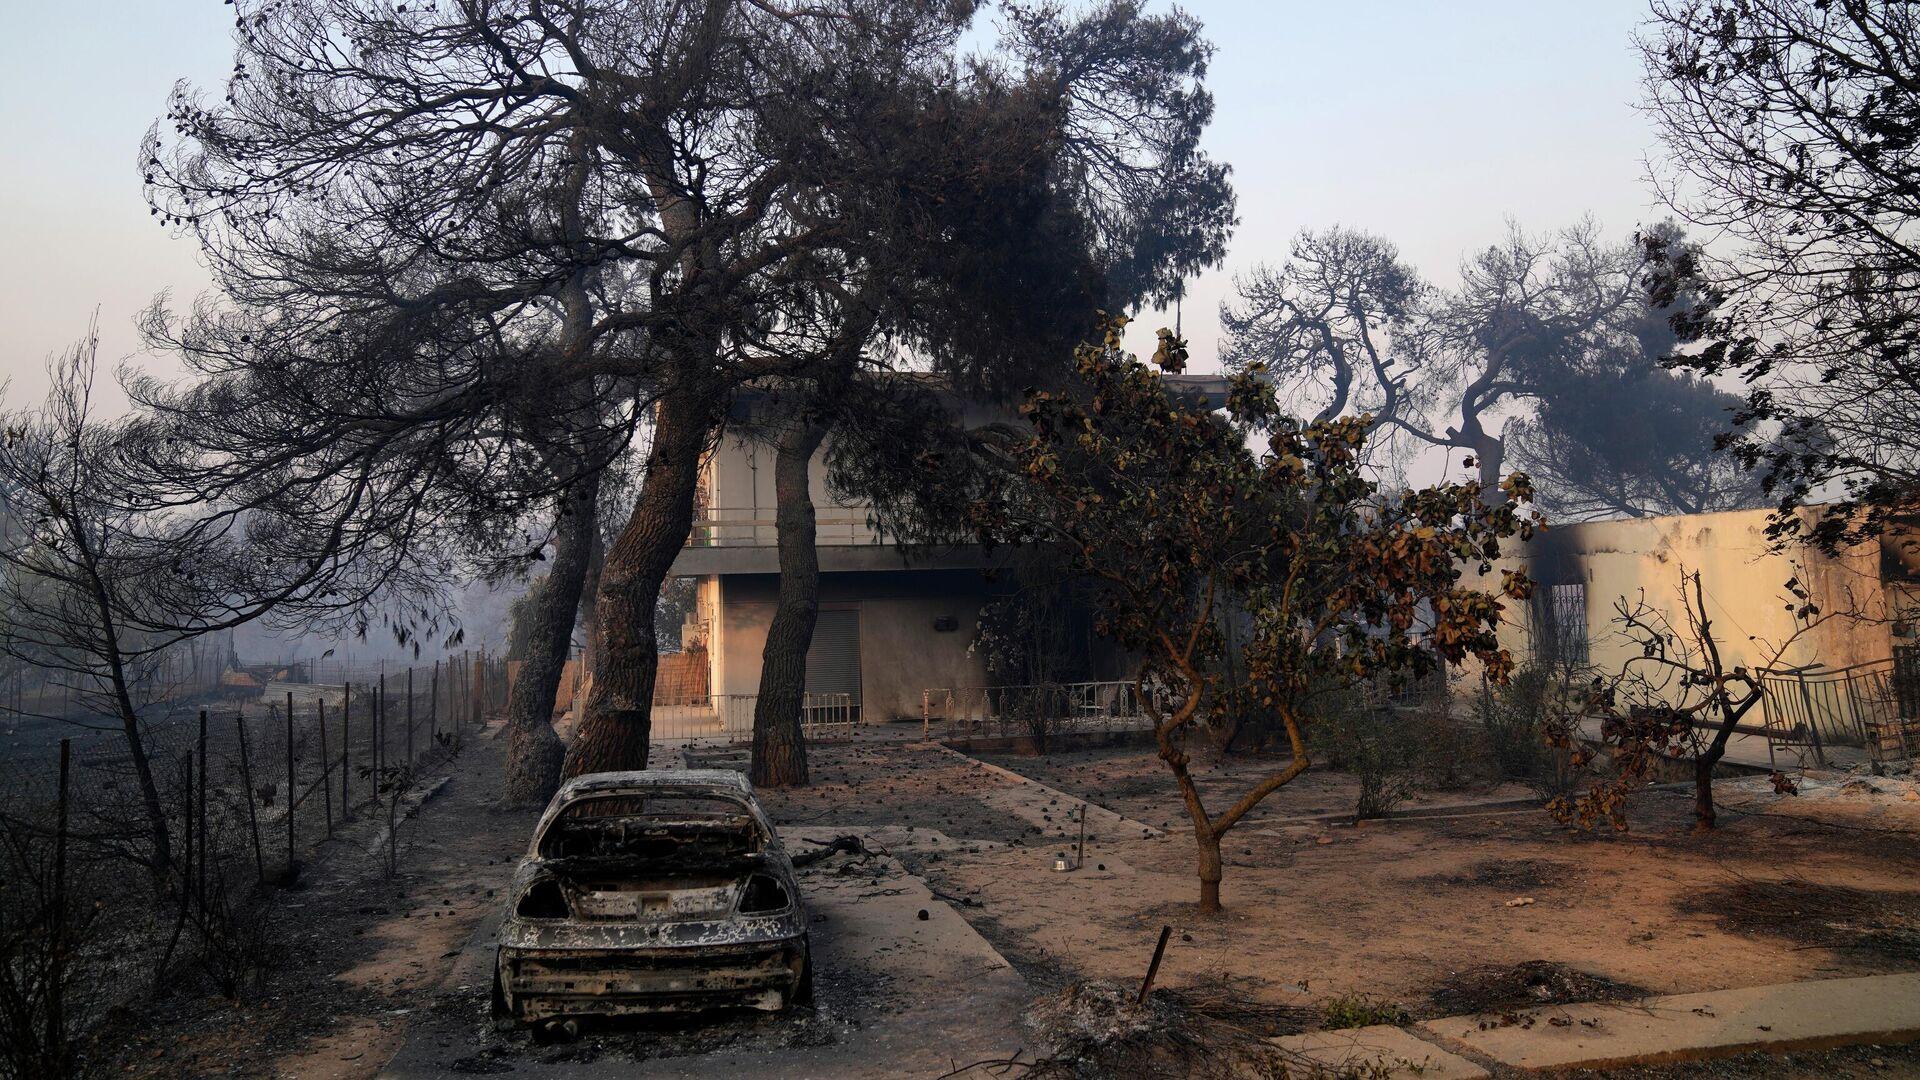 Дом, пострадавший в результате лесного пожара в районе Варибоби, Греция - РИА Новости, 1920, 09.08.2021